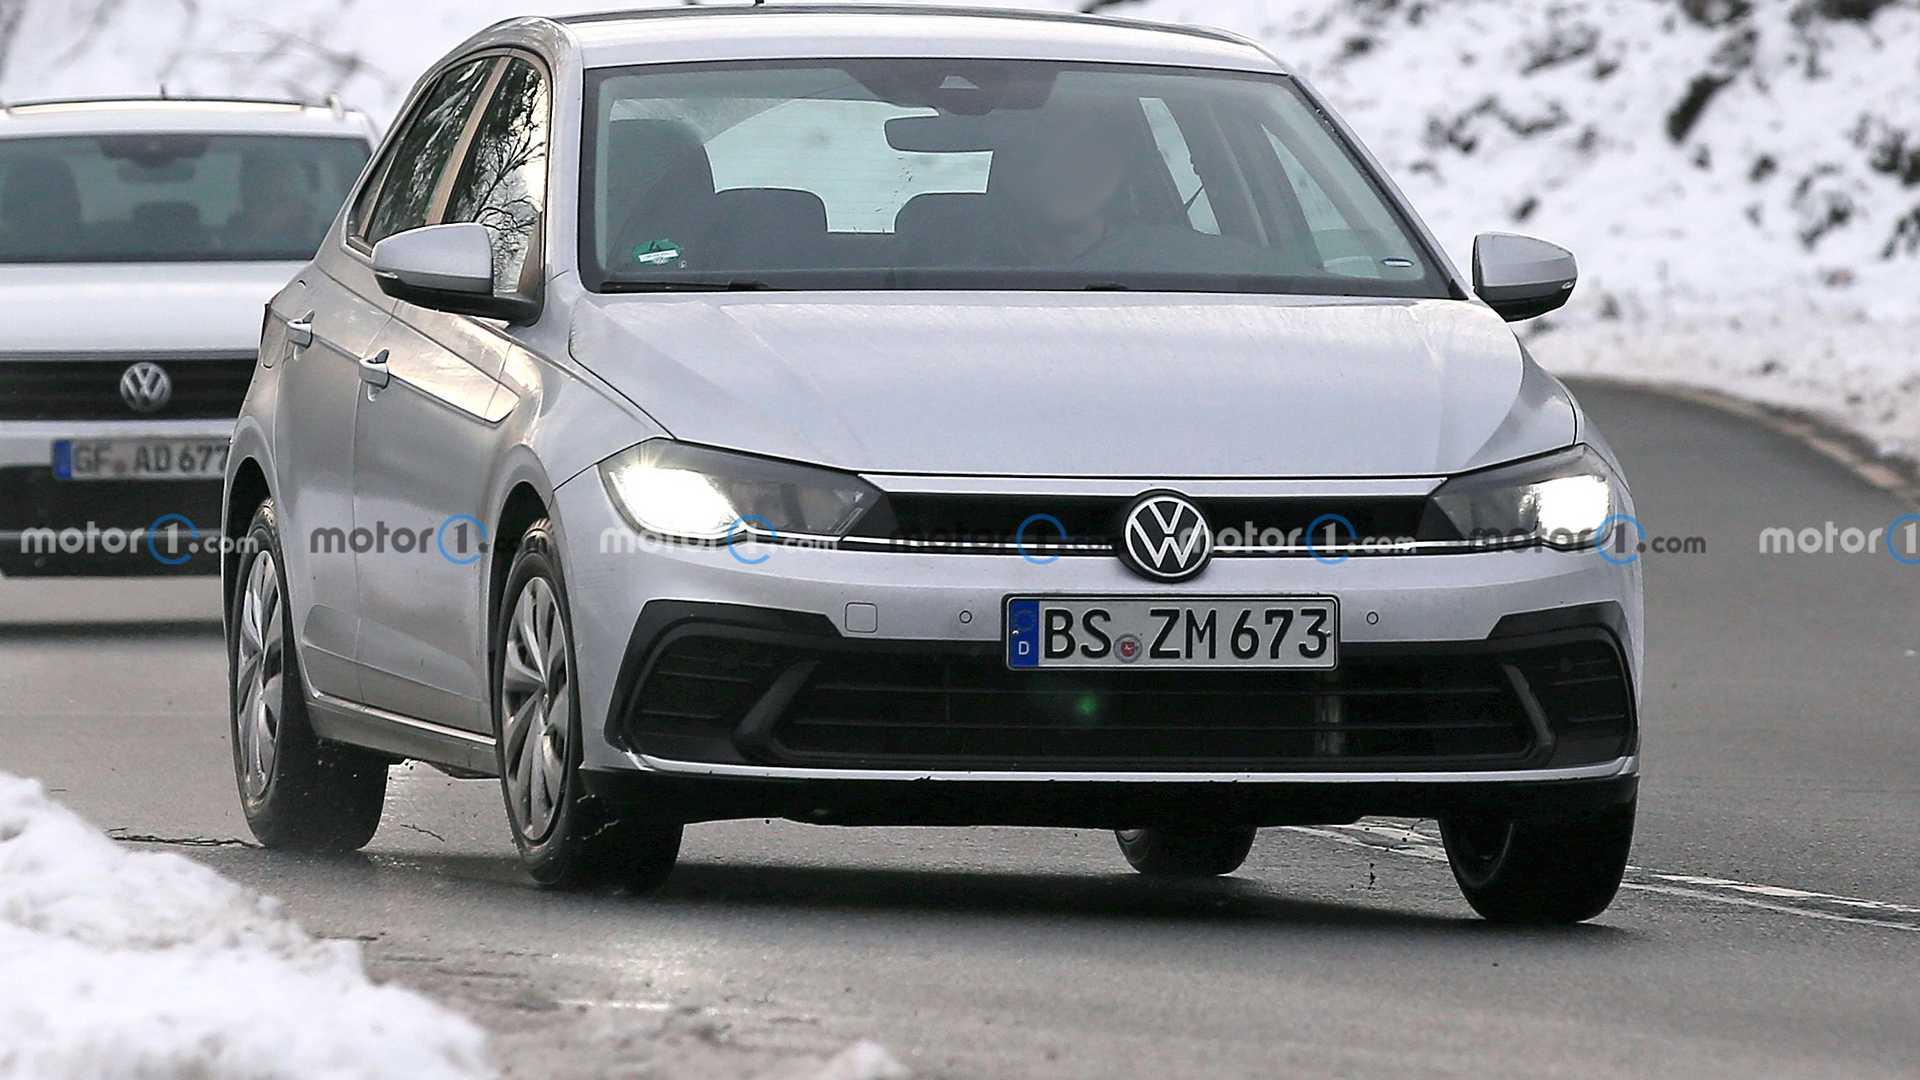 В текущем году Volkswagen Polo переживет обновление и в таком виде поступит в продажу как модель 2022 года. Накануне немецкий хэтчбек с невидимой на первый взгляд маскировкой поймали на дорогах общего пользования.